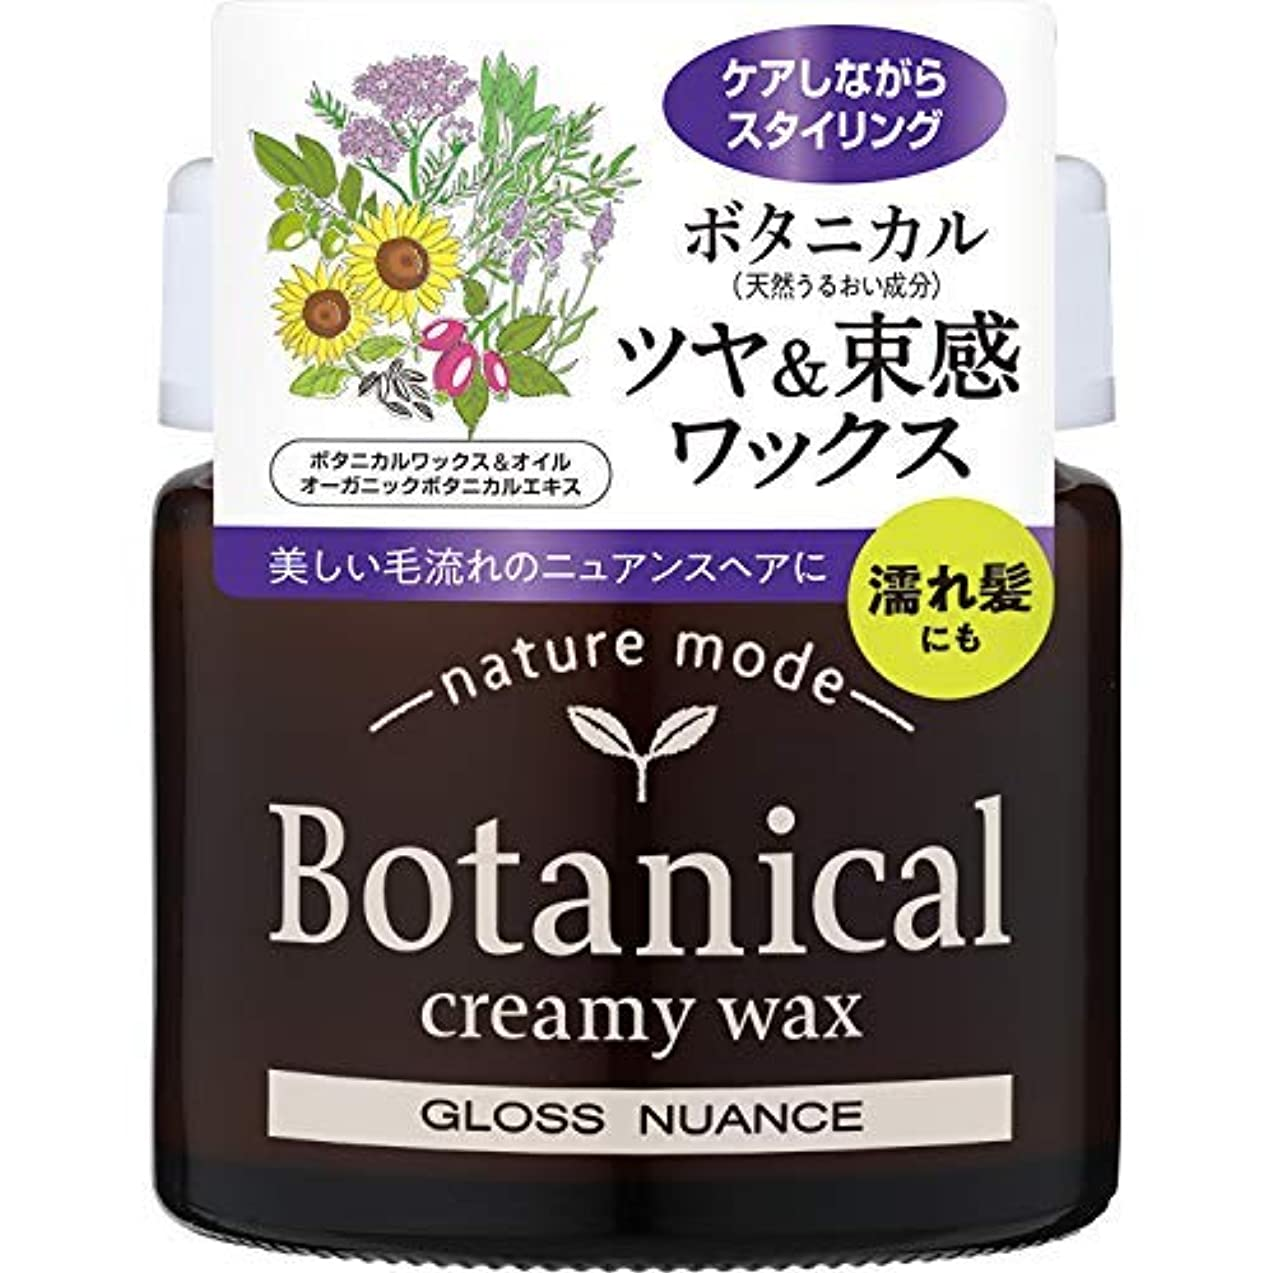 ヒギンズ植生思春期のネイチャーモード ボタニカル クリーミーワックス<グロスニュアンス> × 6個セット